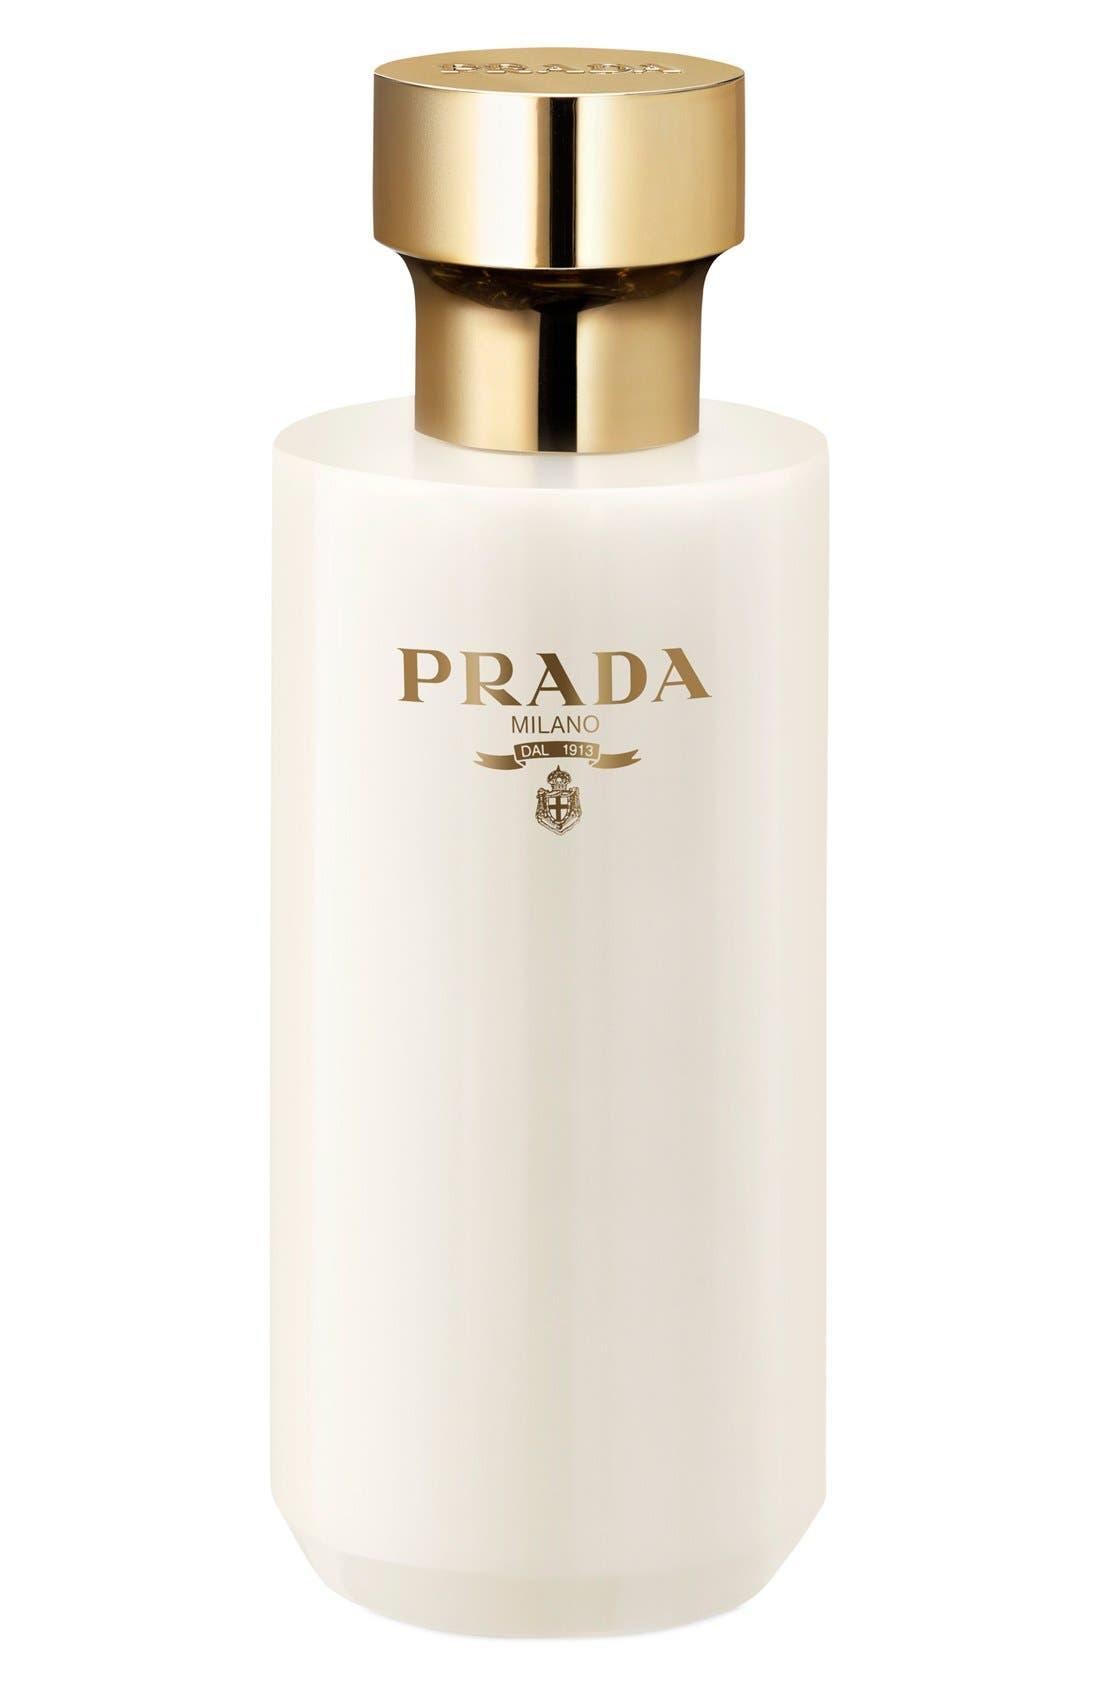 Prada 'La Femme Prada' Shower Cream